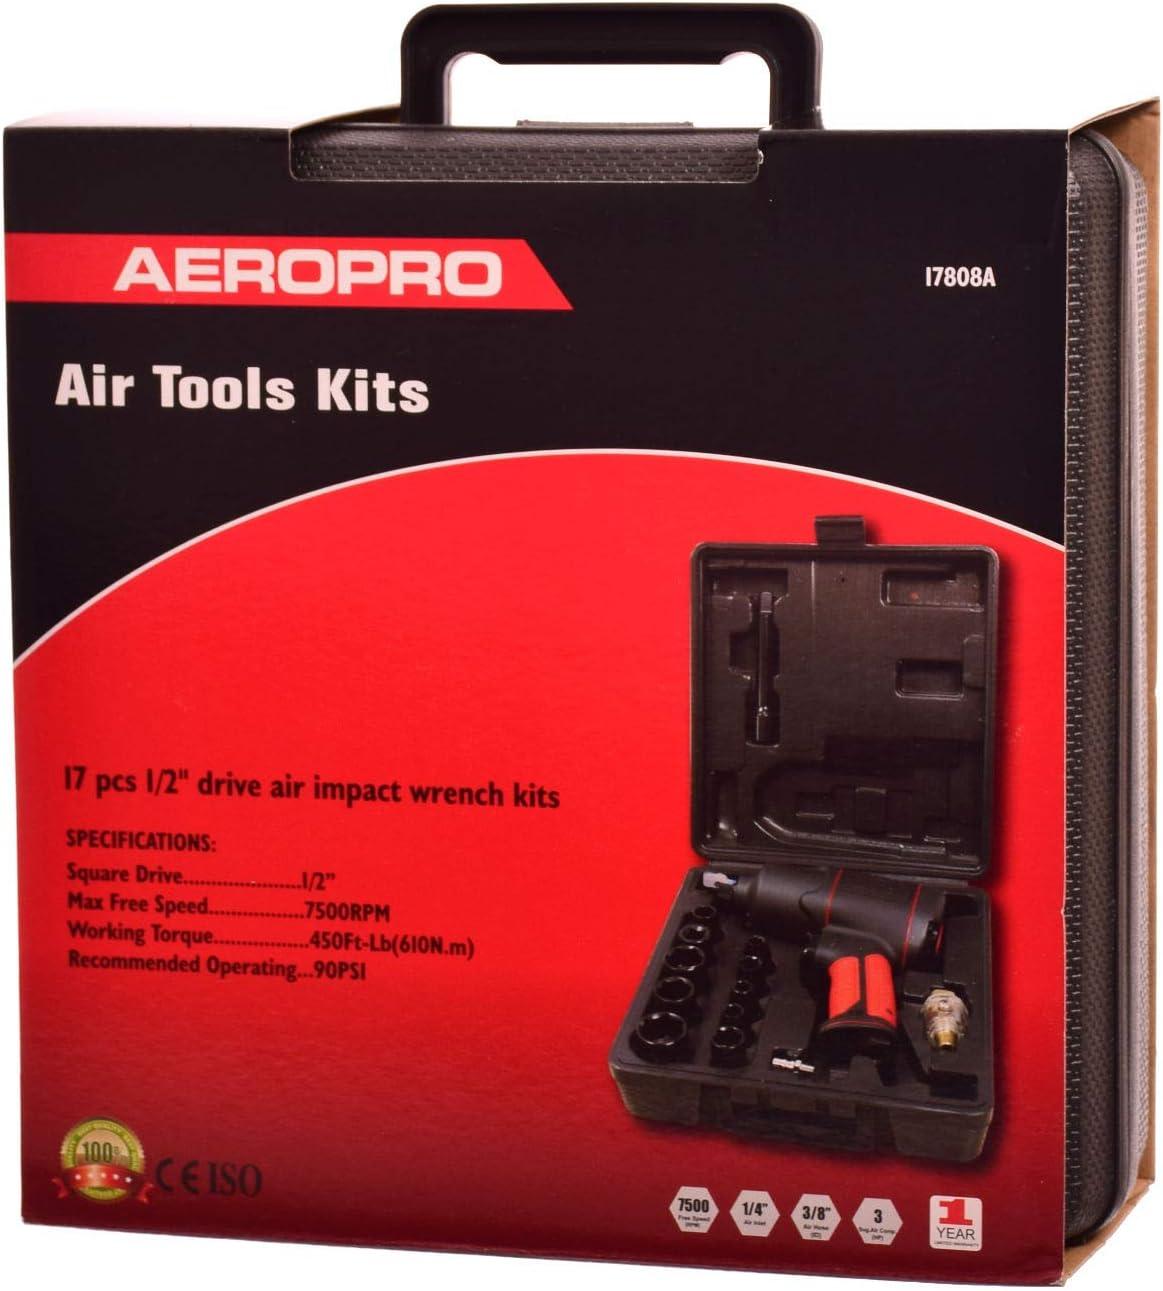 AEROPRO Druckluft Schlagschrauber 1//2 Zoll 1200Nm Industrie Luftdruck mit Buchsen Koffer